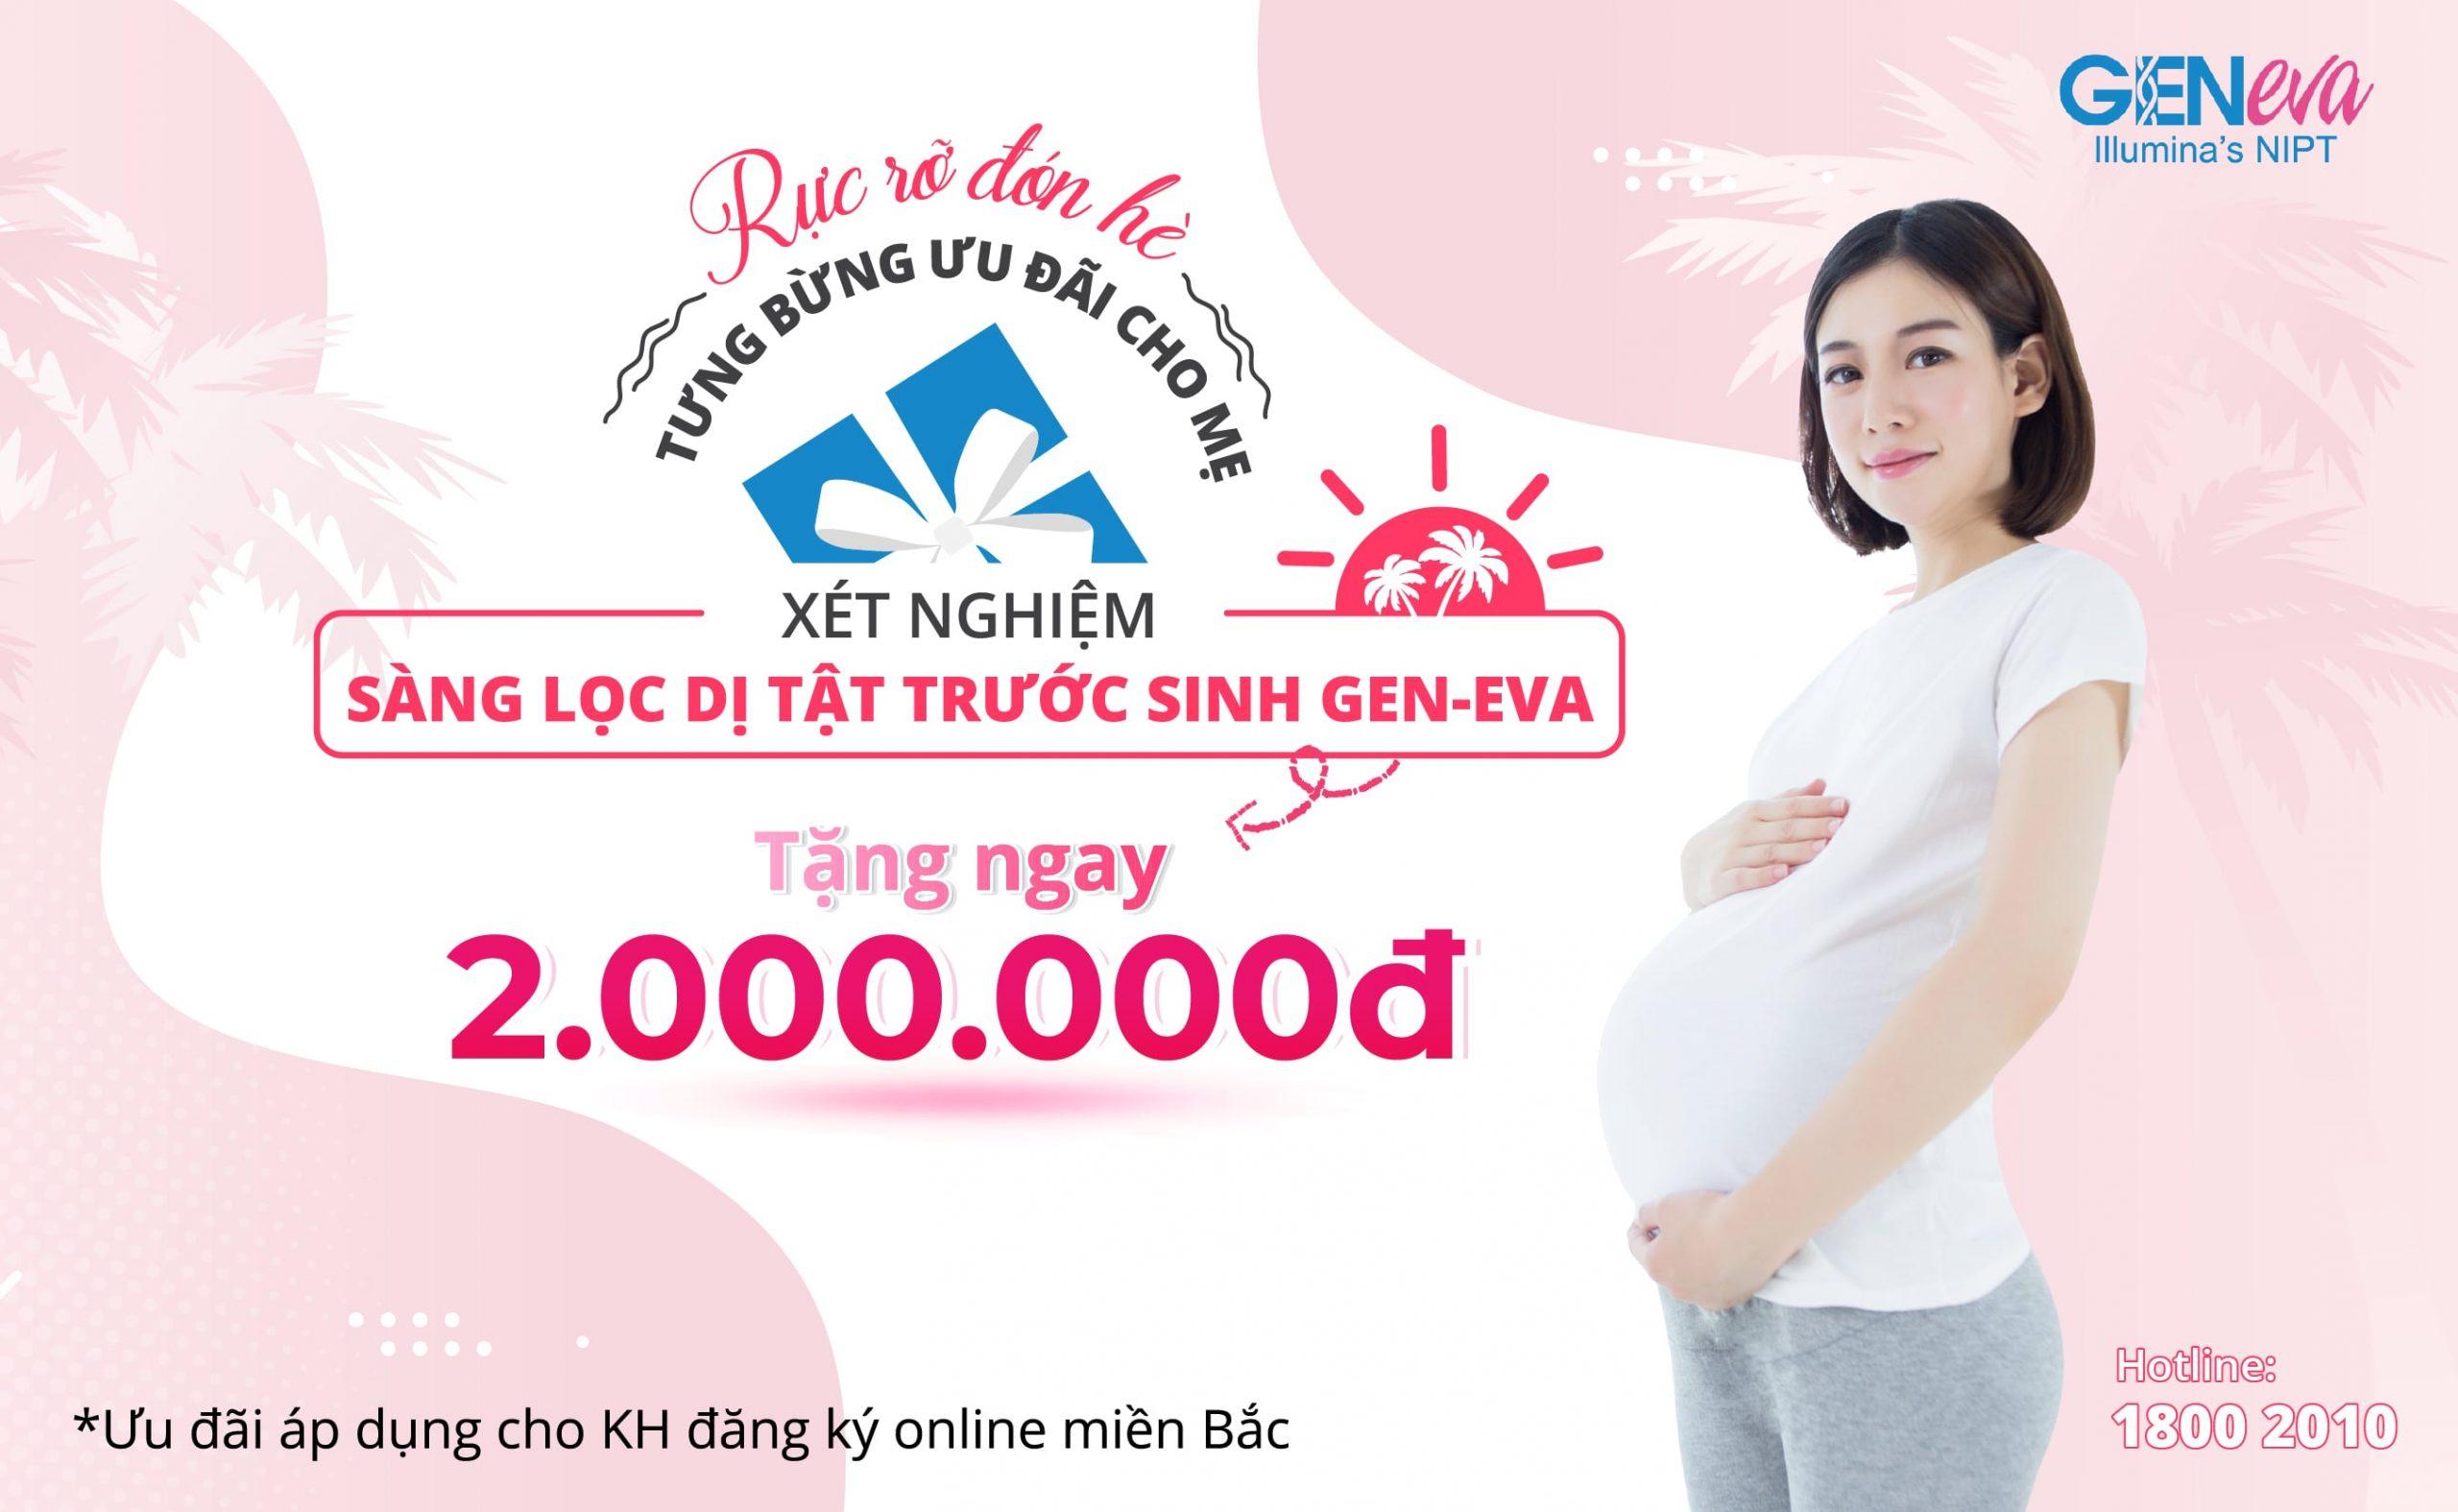 Tháng 5 tưng bừng – GenEva – NIPT Illumina ưu đãi cho mẹ bầu lên đến 2.000.000đ